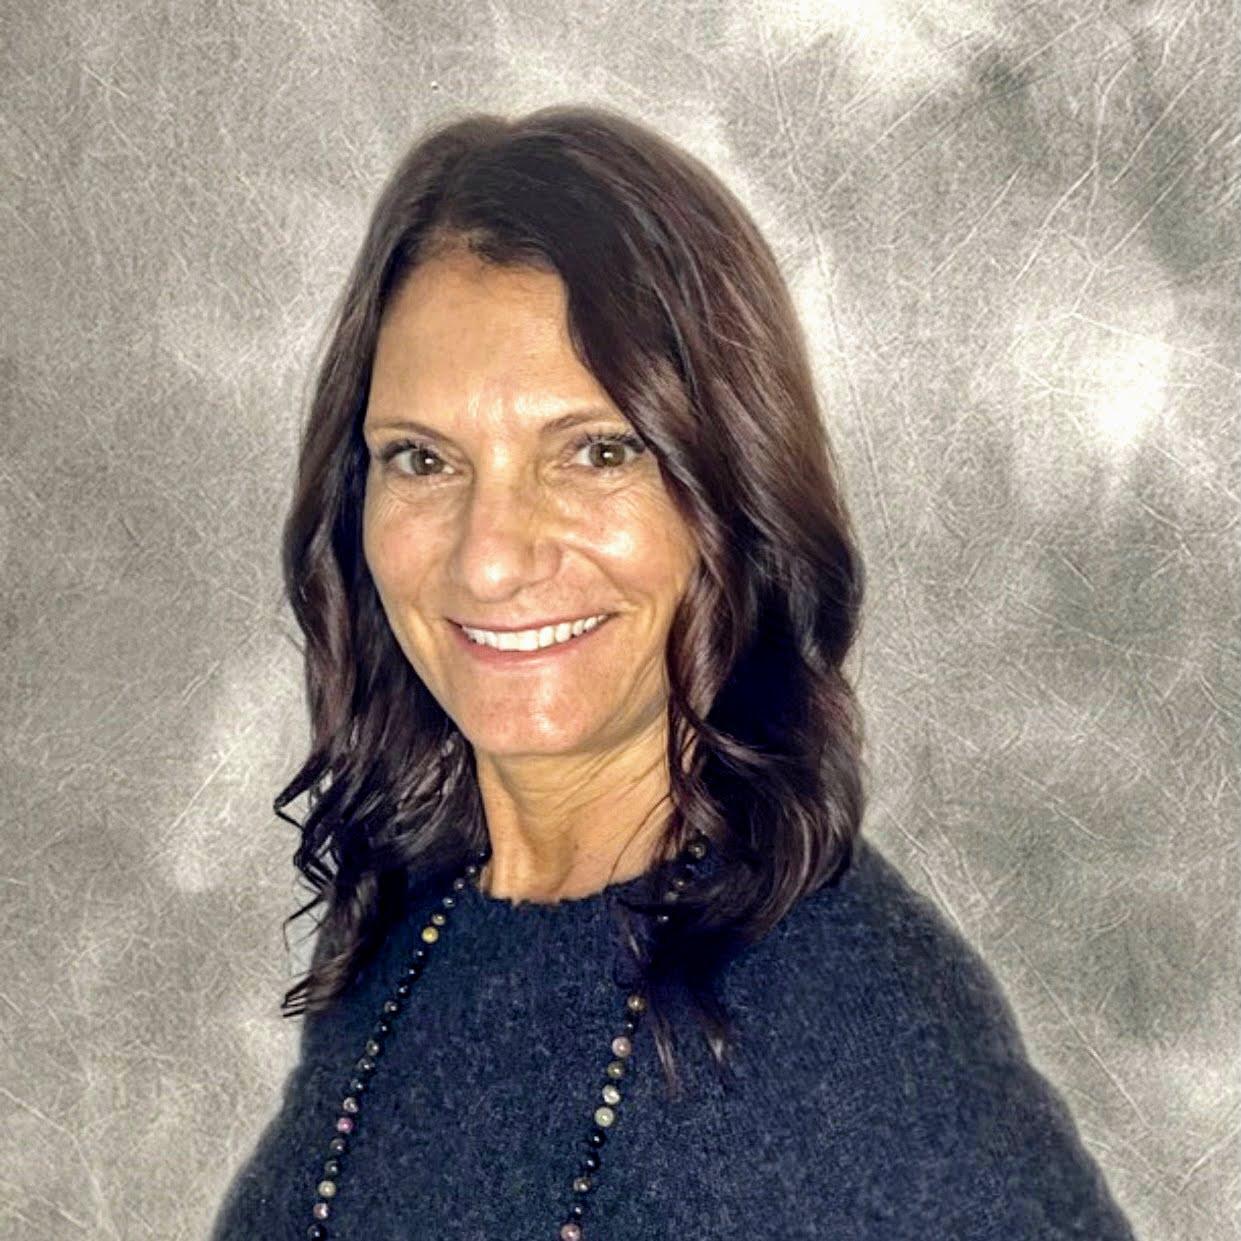 Christine Panico